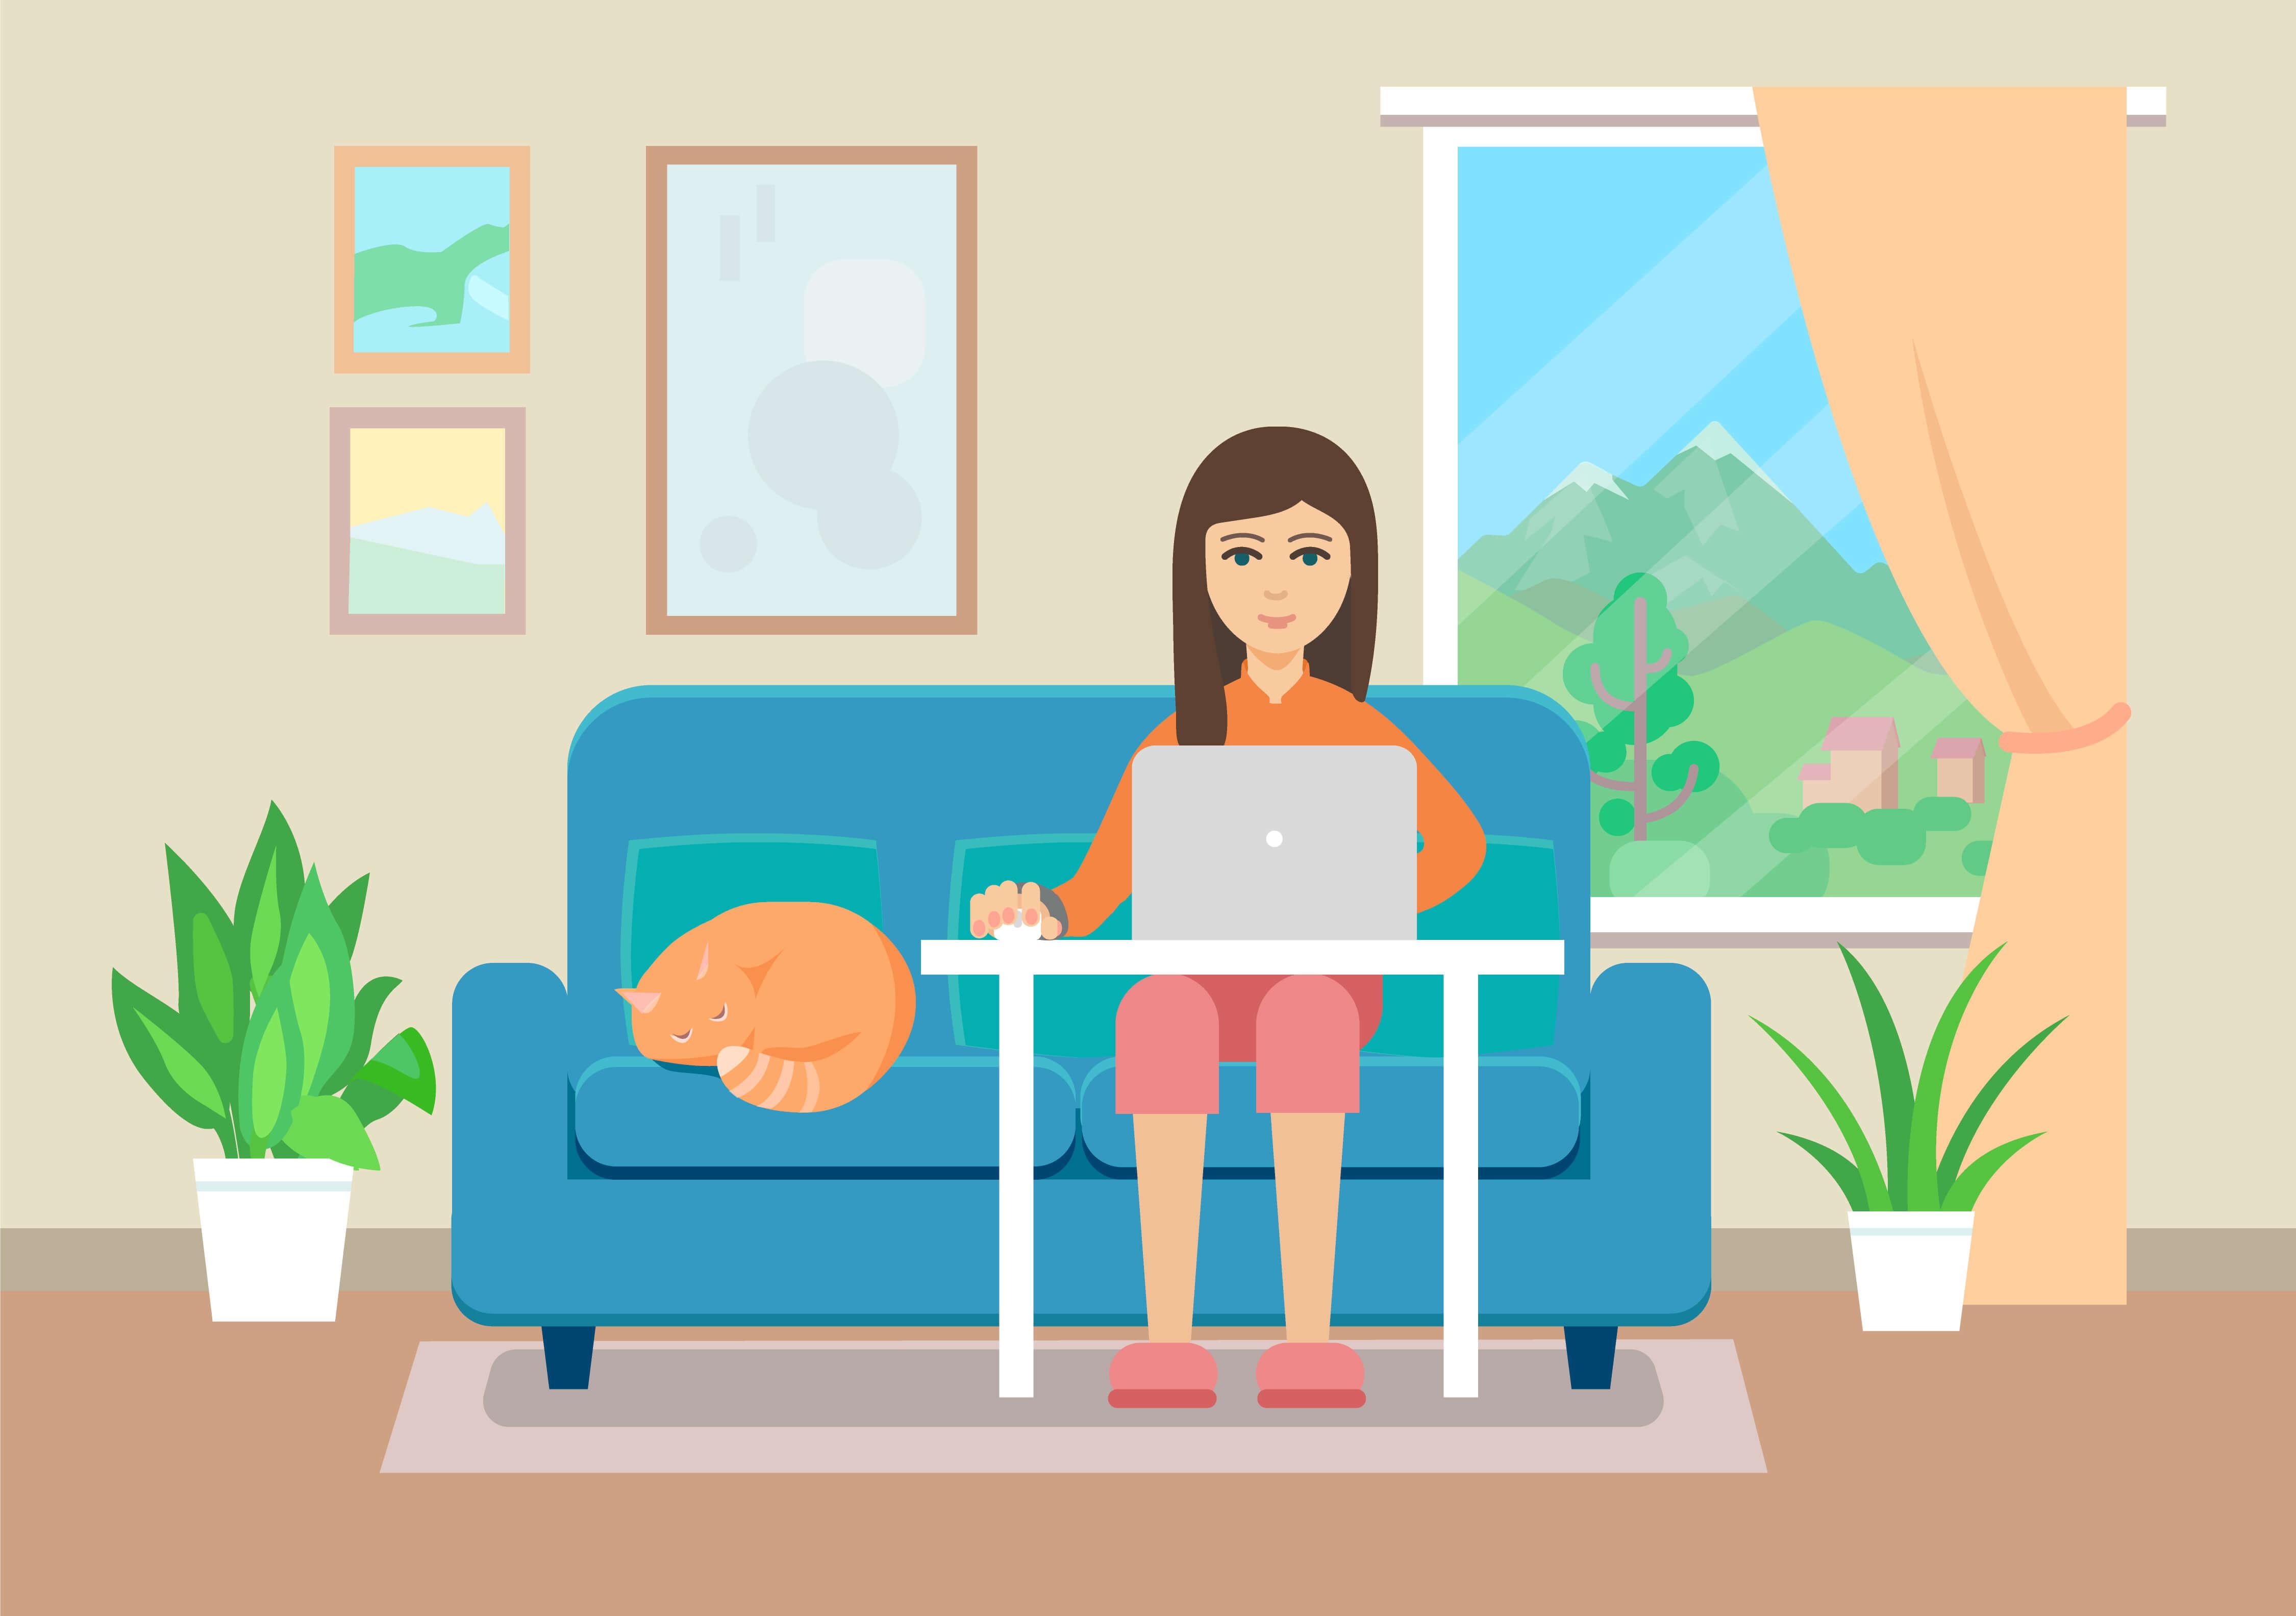 איך מנהלים עובדים שעובדים מהבית?